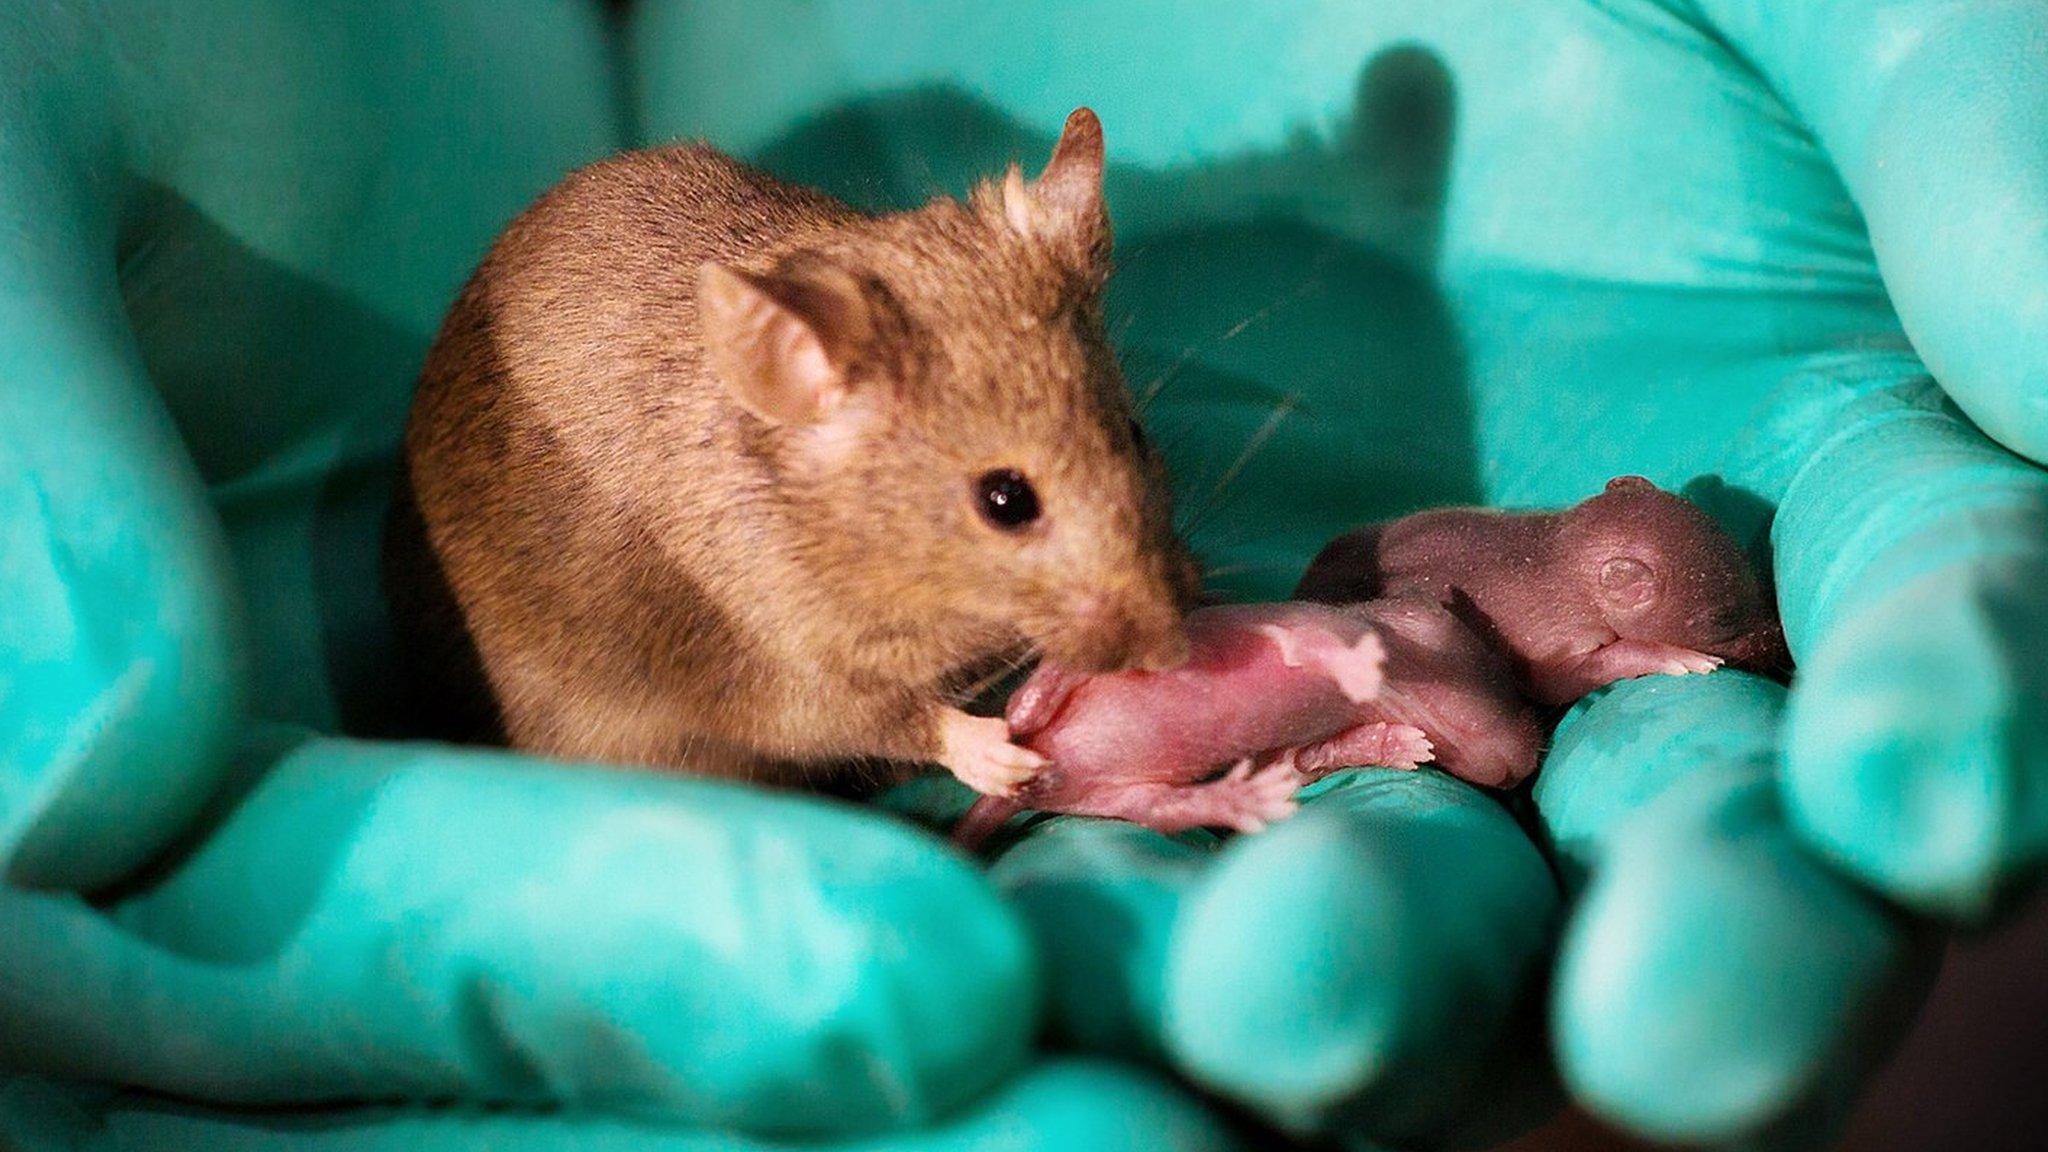 Роды и развитие мышат. разведение размножение мышей. содержание белых мышей. белая мышь , белые мыши. mus musculus linnaeus = домовая мышь. кормление. разведение и содержание домовая мышь